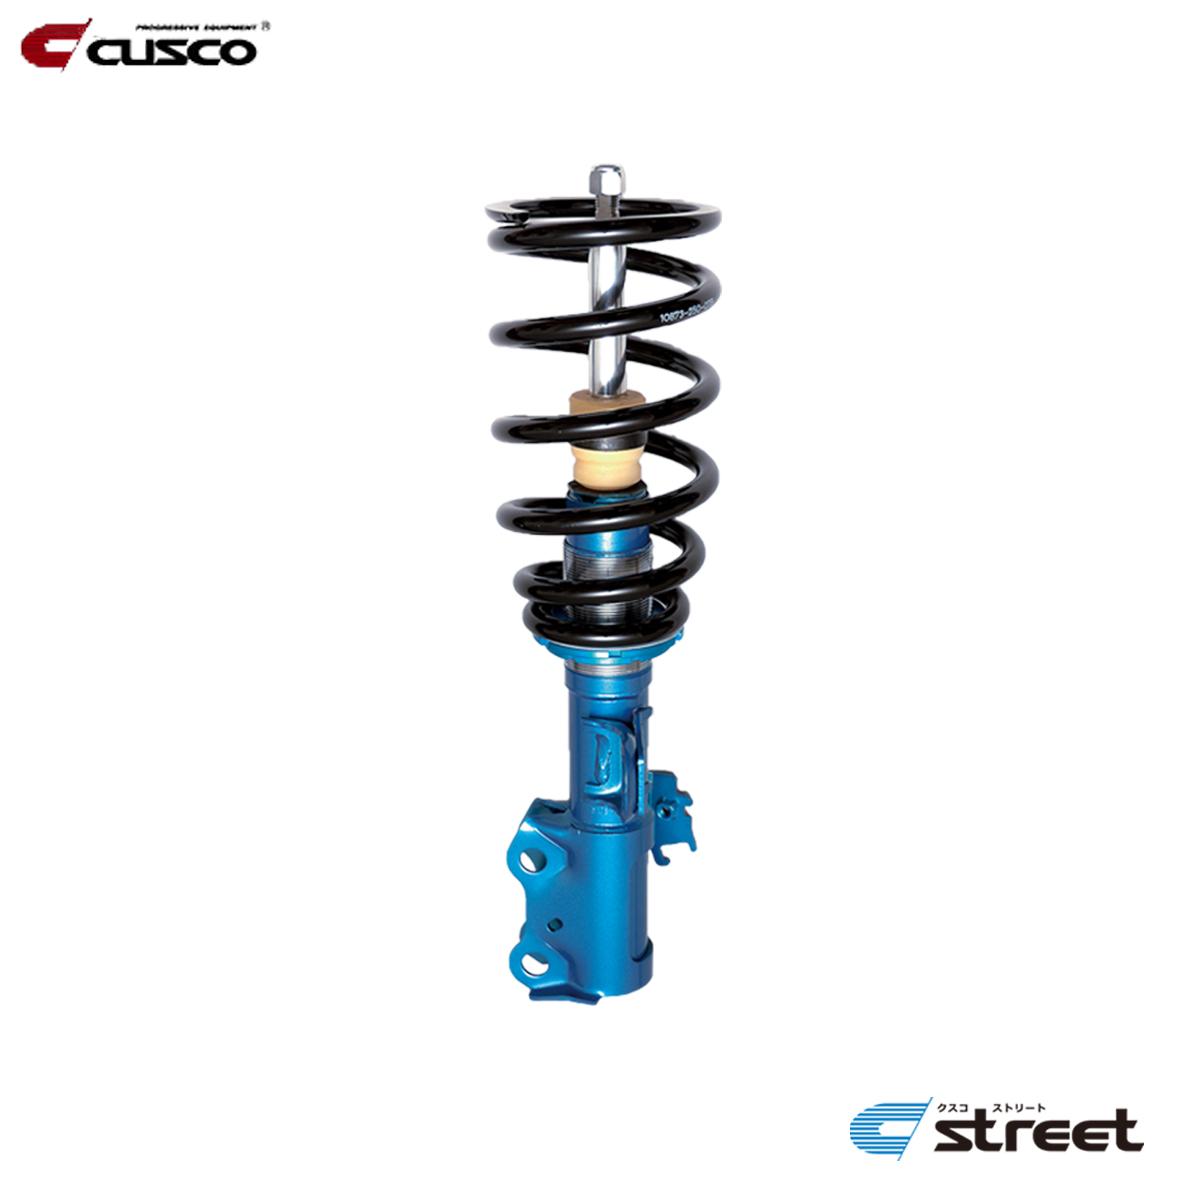 CUSCO クスコ スイフトスポーツ ZC32S 車高調 全長固定式 618-62K-CBA